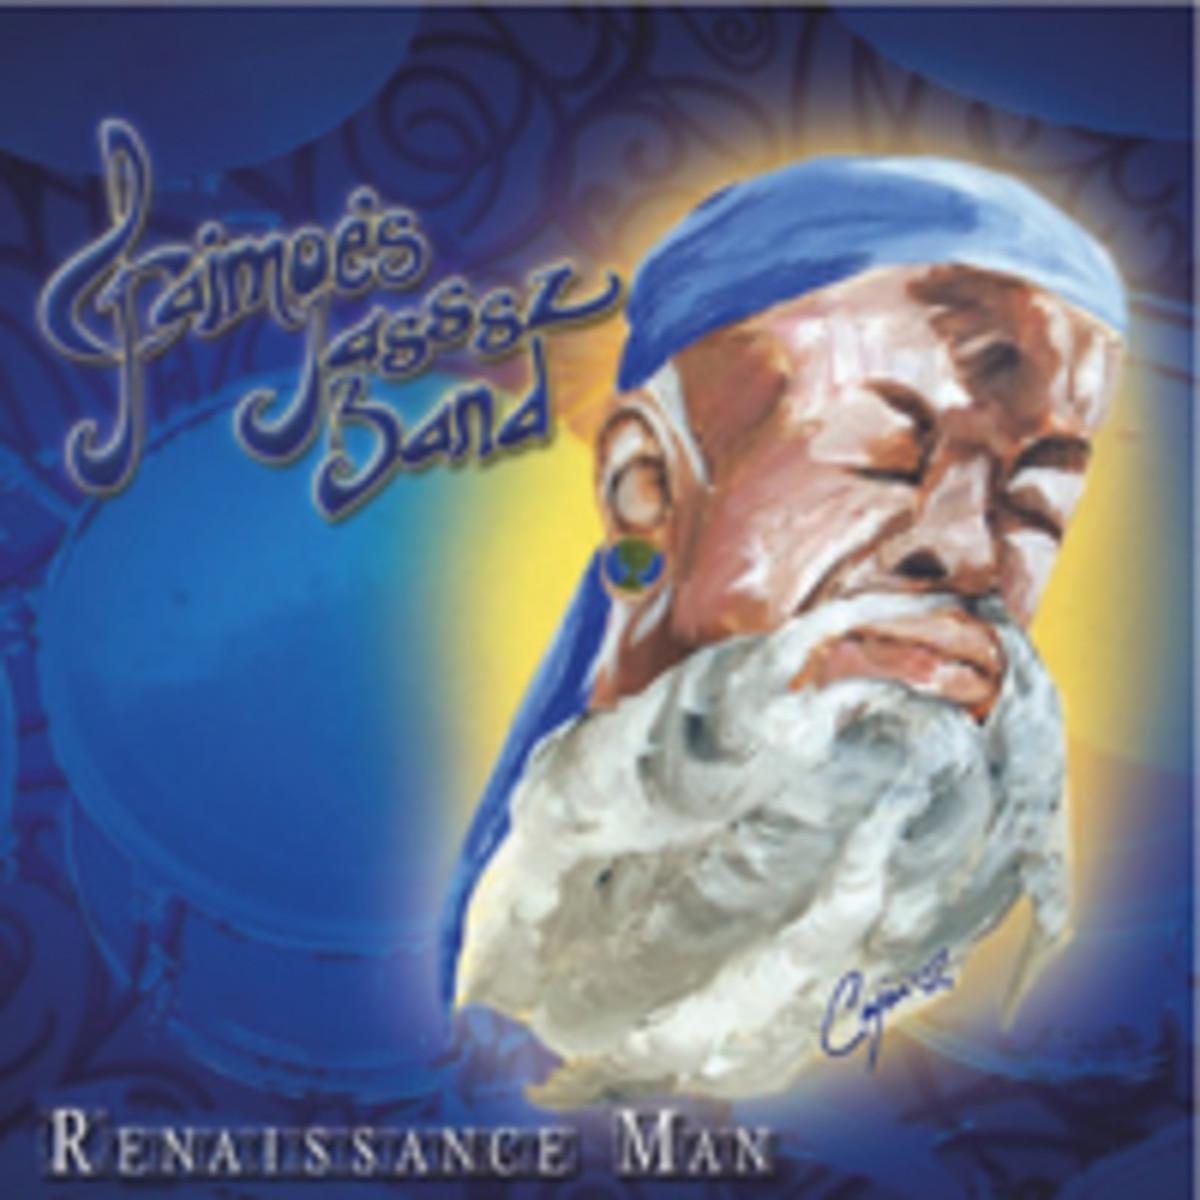 Jaimoe's Jassz Band Renaissance Man